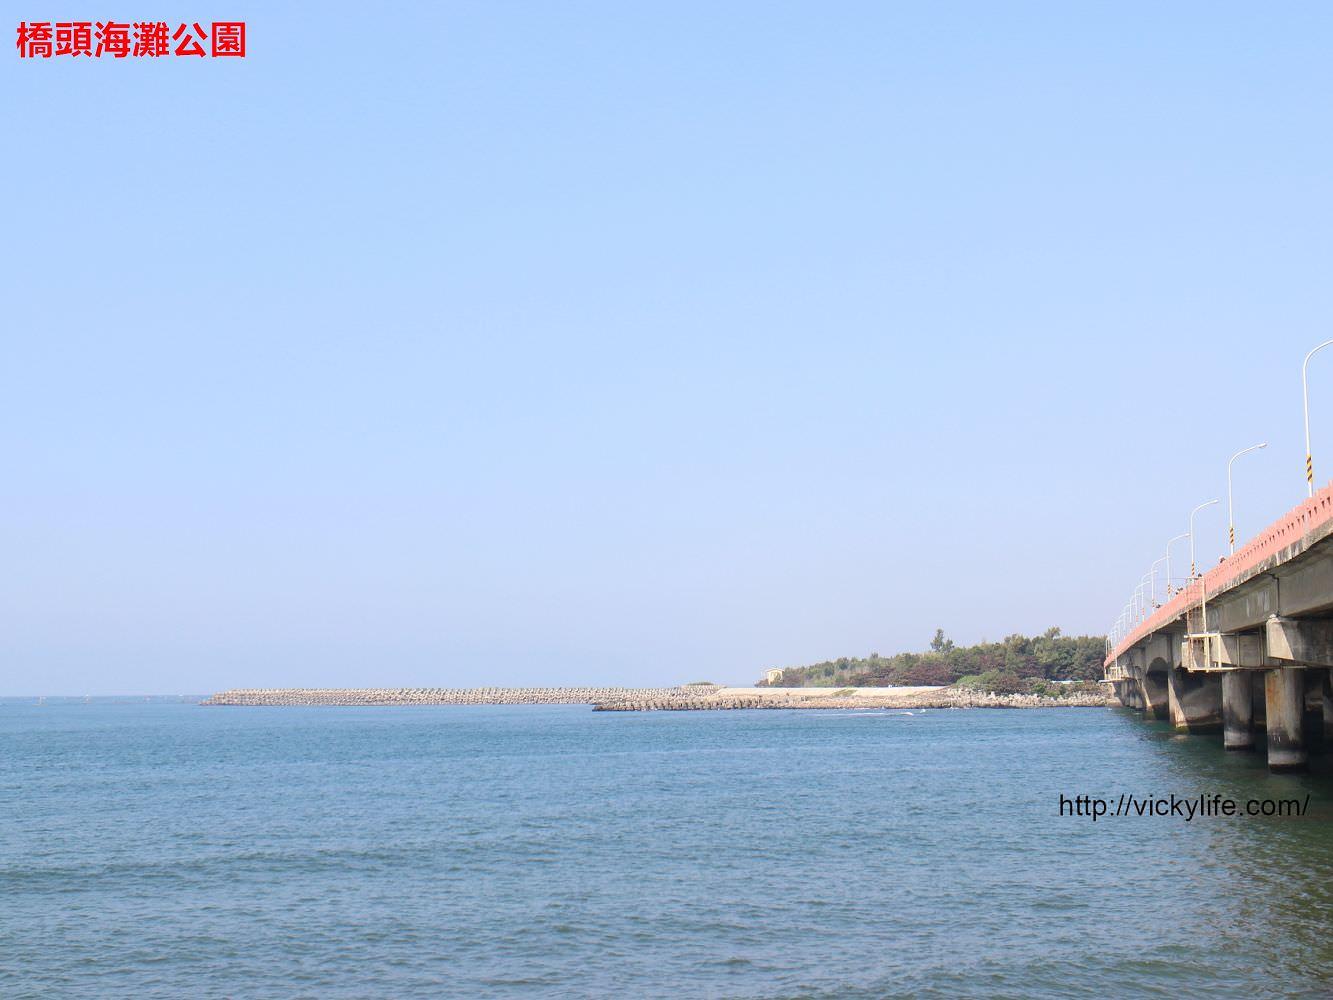 台南旅遊景點︱橋頭海灘公園:這是IG熱門景點?還是紓壓場景?